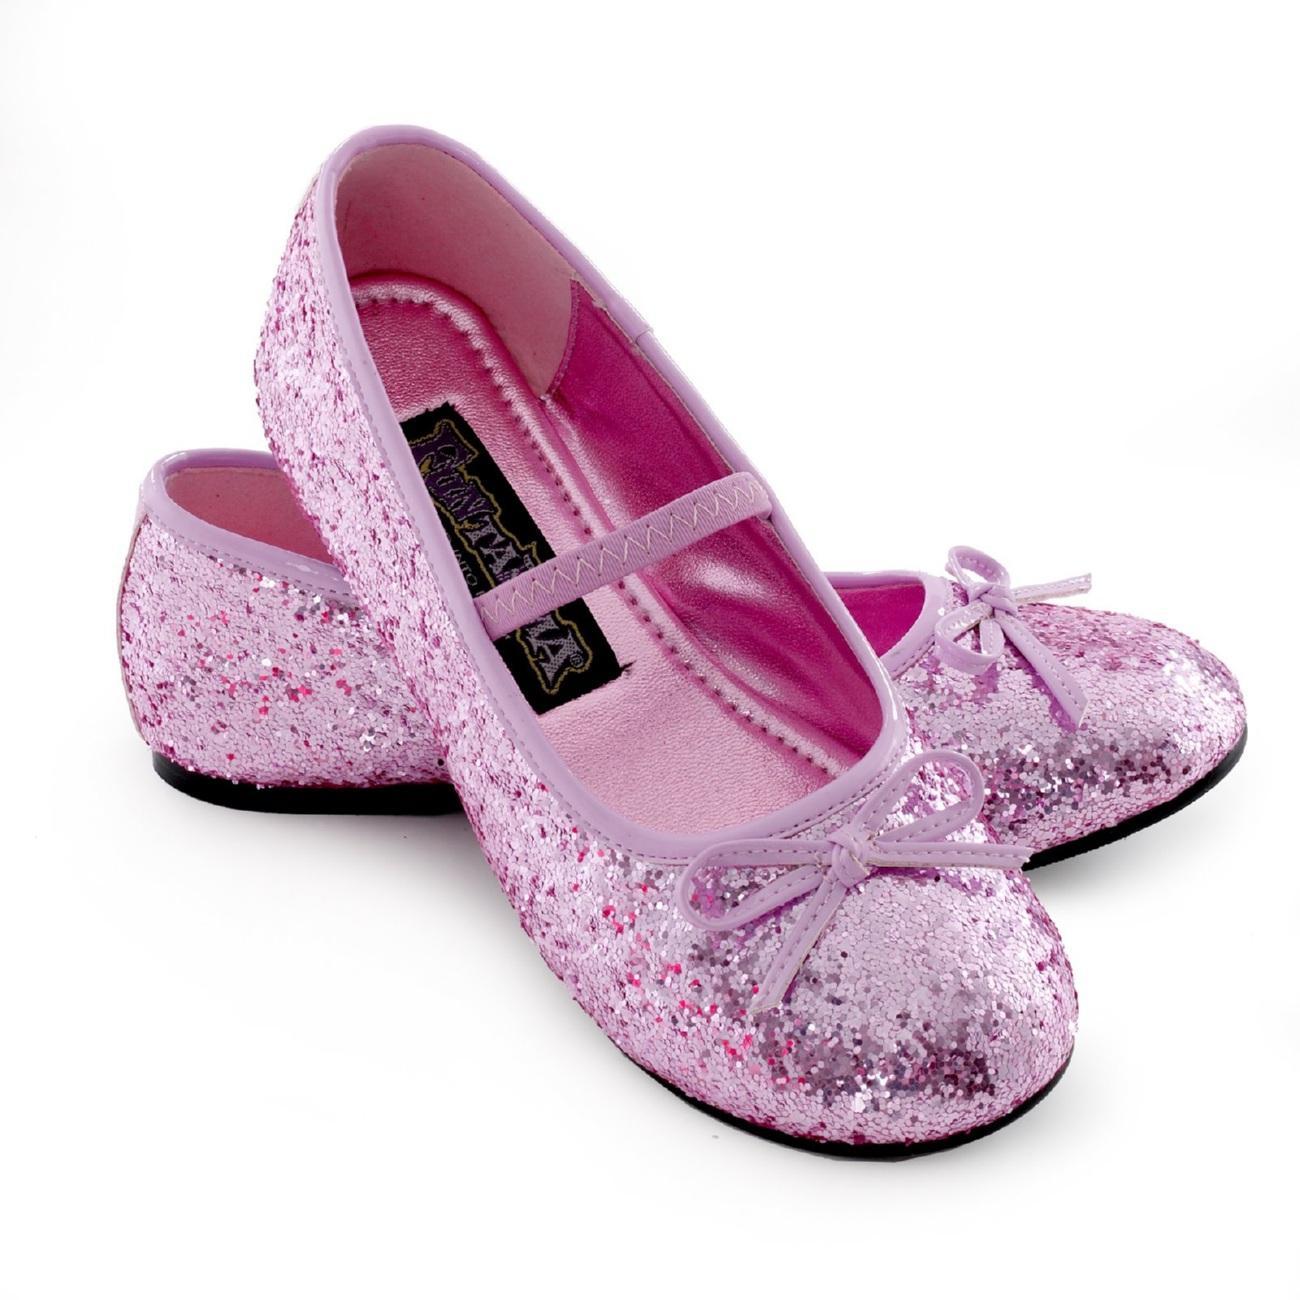 Fotos de zapatos para ni as paperblog - Ideas para decorar zapatos de nina ...